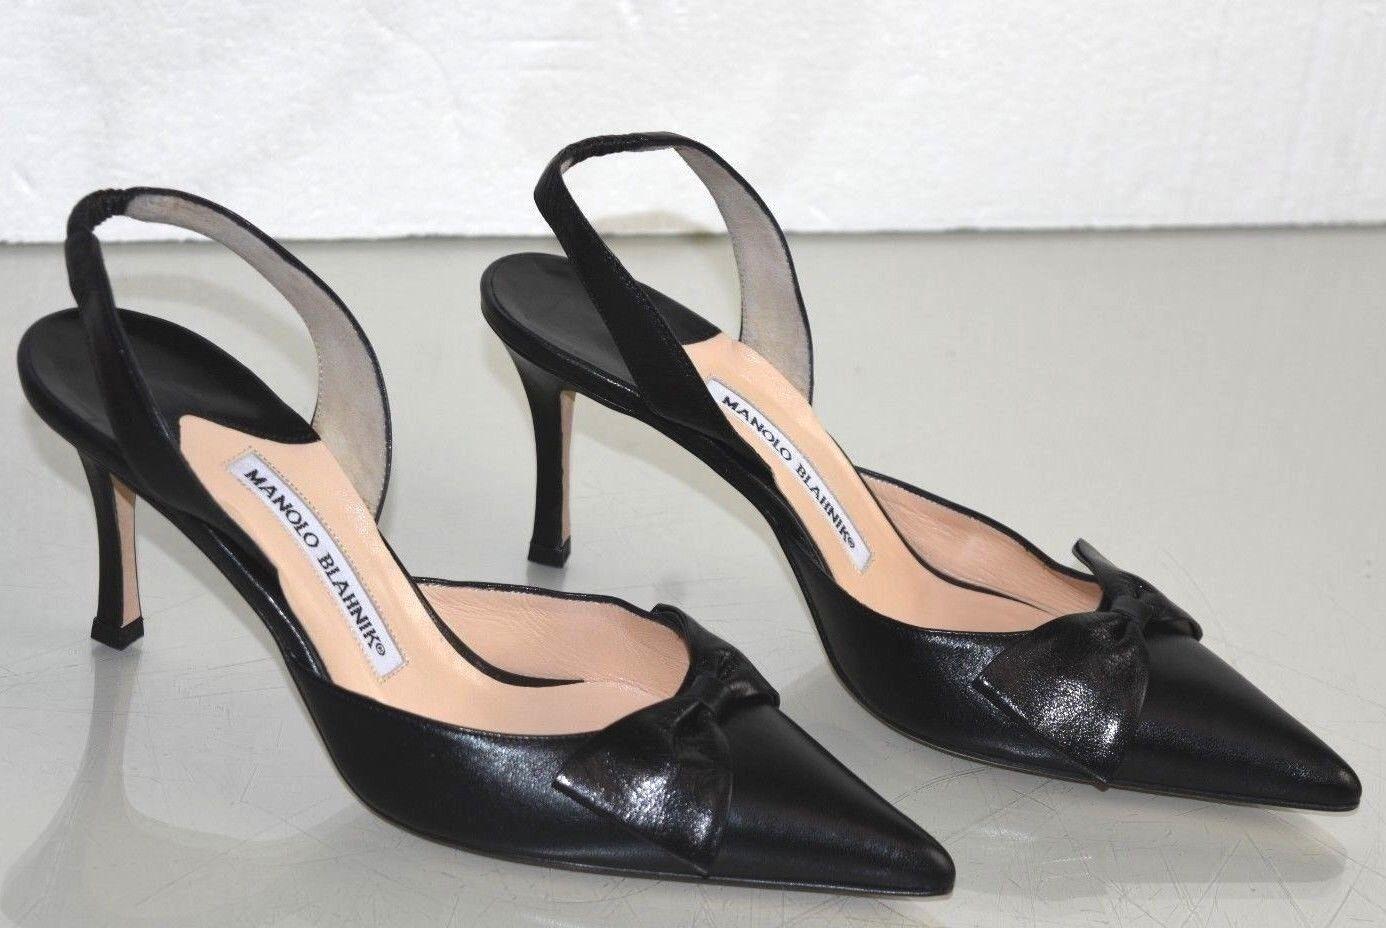 825 Nueva Nueva Nueva Manolo Blahnik Carolyne Negro Cuero Zapatos Arco BB Tacones Zapatos 38  grandes ahorros